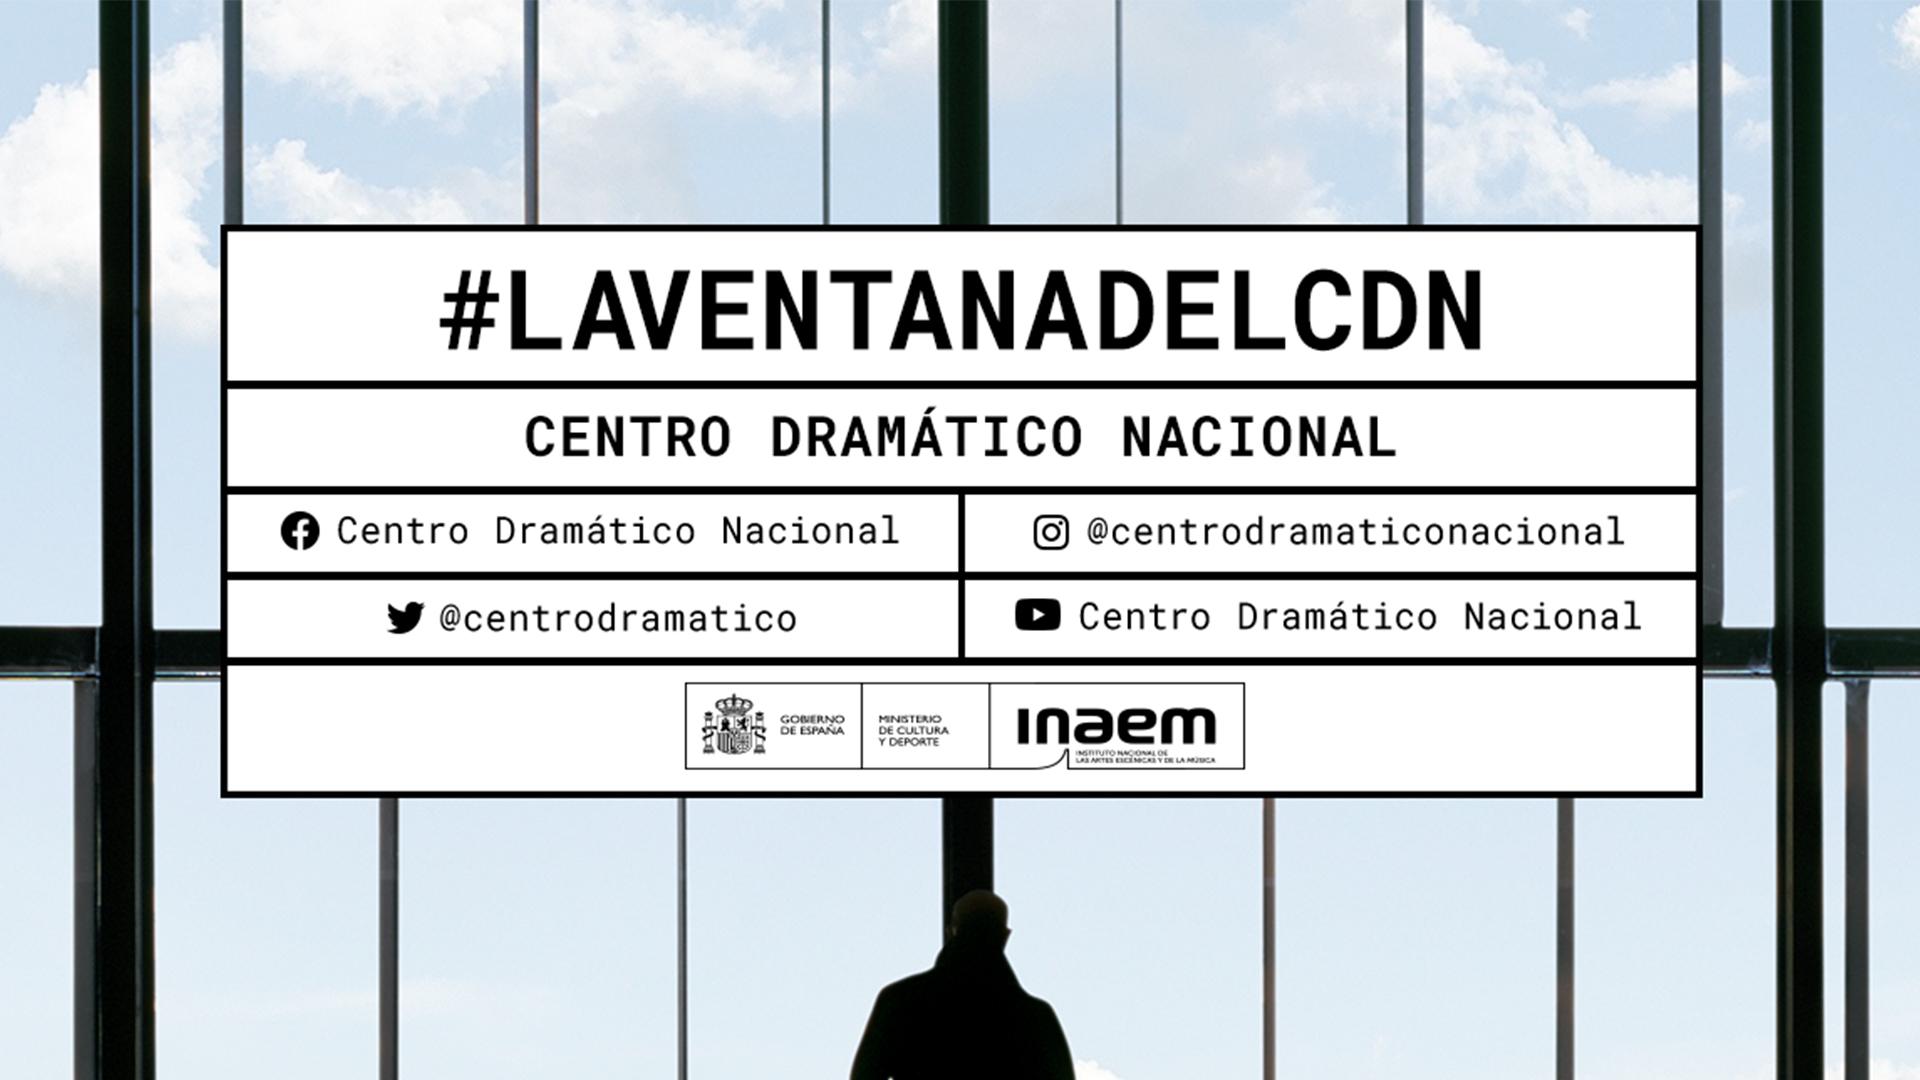 El Centro Dramático Nacional (CDN) inaugura nuevos contenidos y creaciones en la plataforma digital #LAVENTANADELCDN